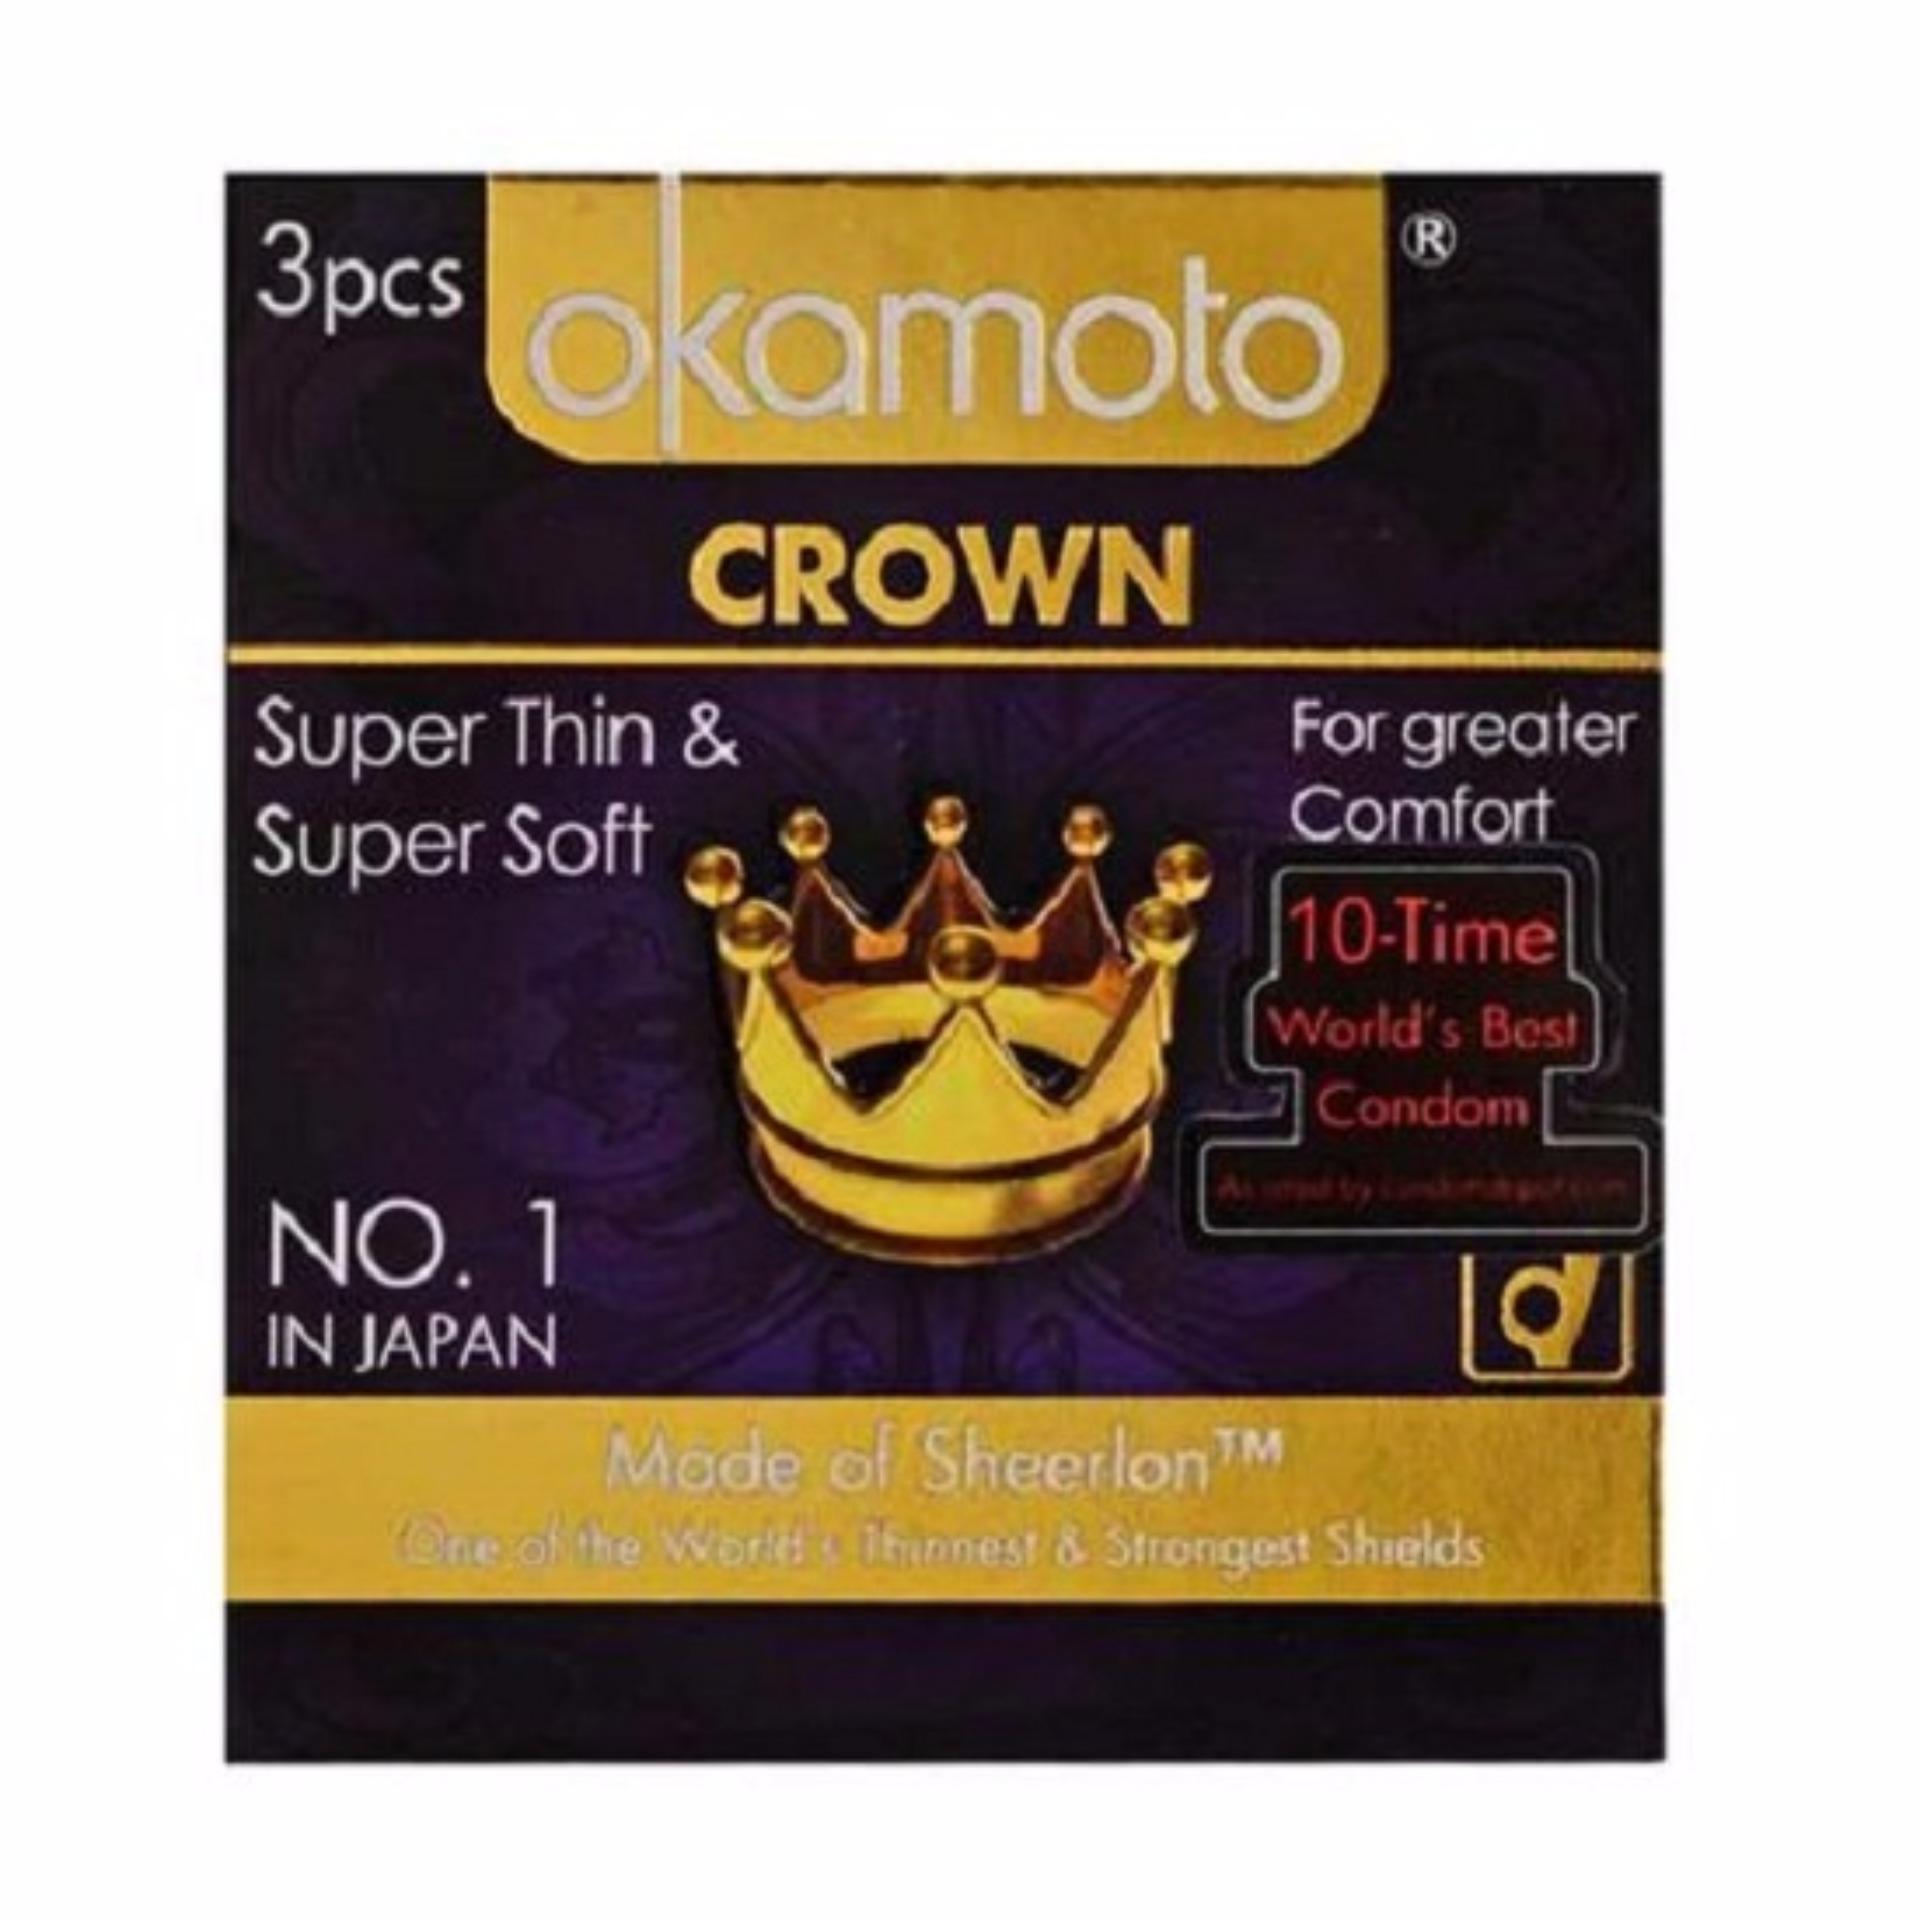 Harga baru Kondom Okamoto Crown - Kondom Tipis Import Jepang sale - Hanya Rp90.250